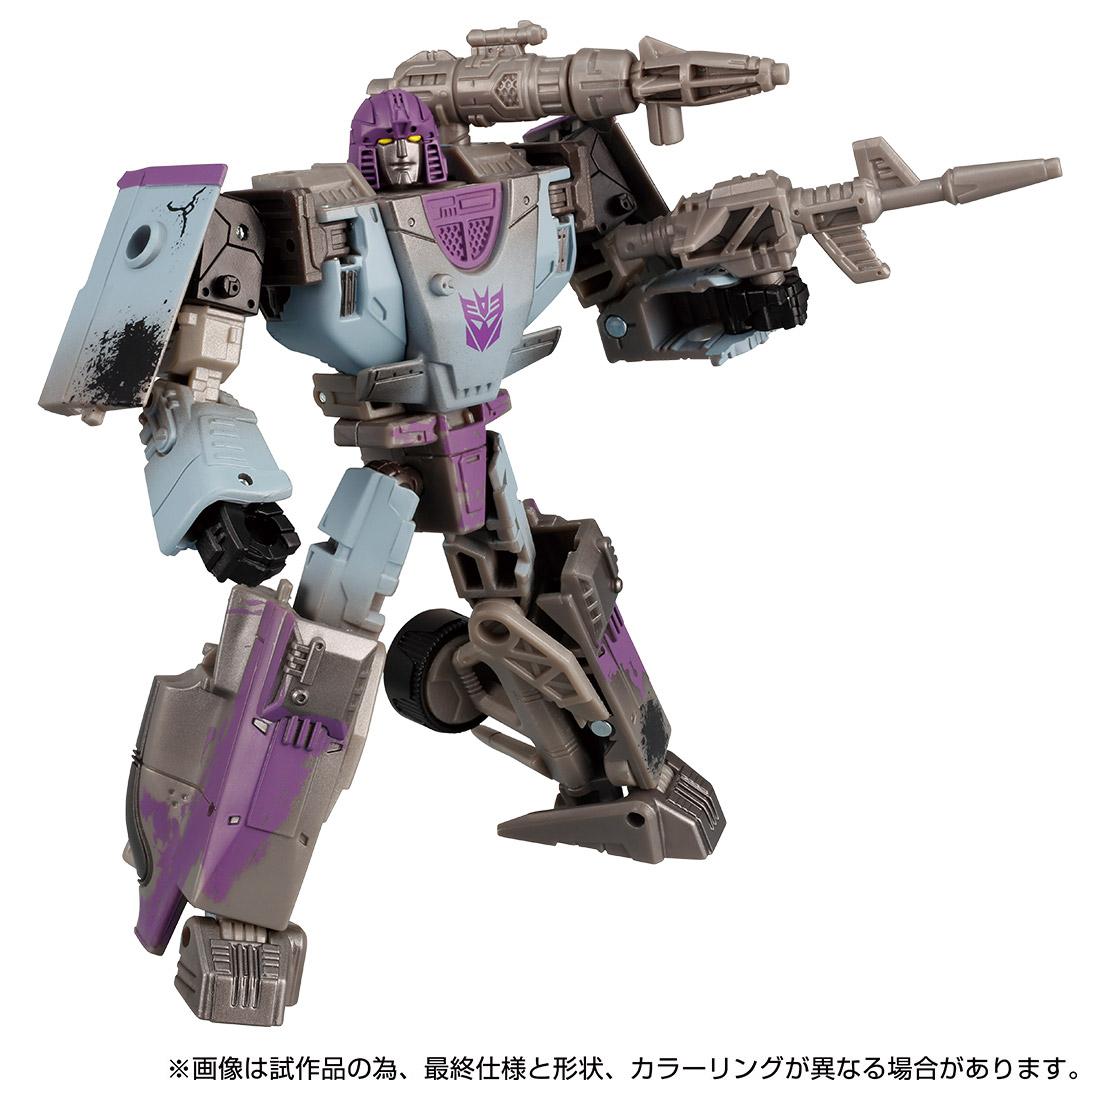 トランスフォーマー ウォーフォーサイバトロン『WFC-01 ミラージュ』可変可動フィギュア-001